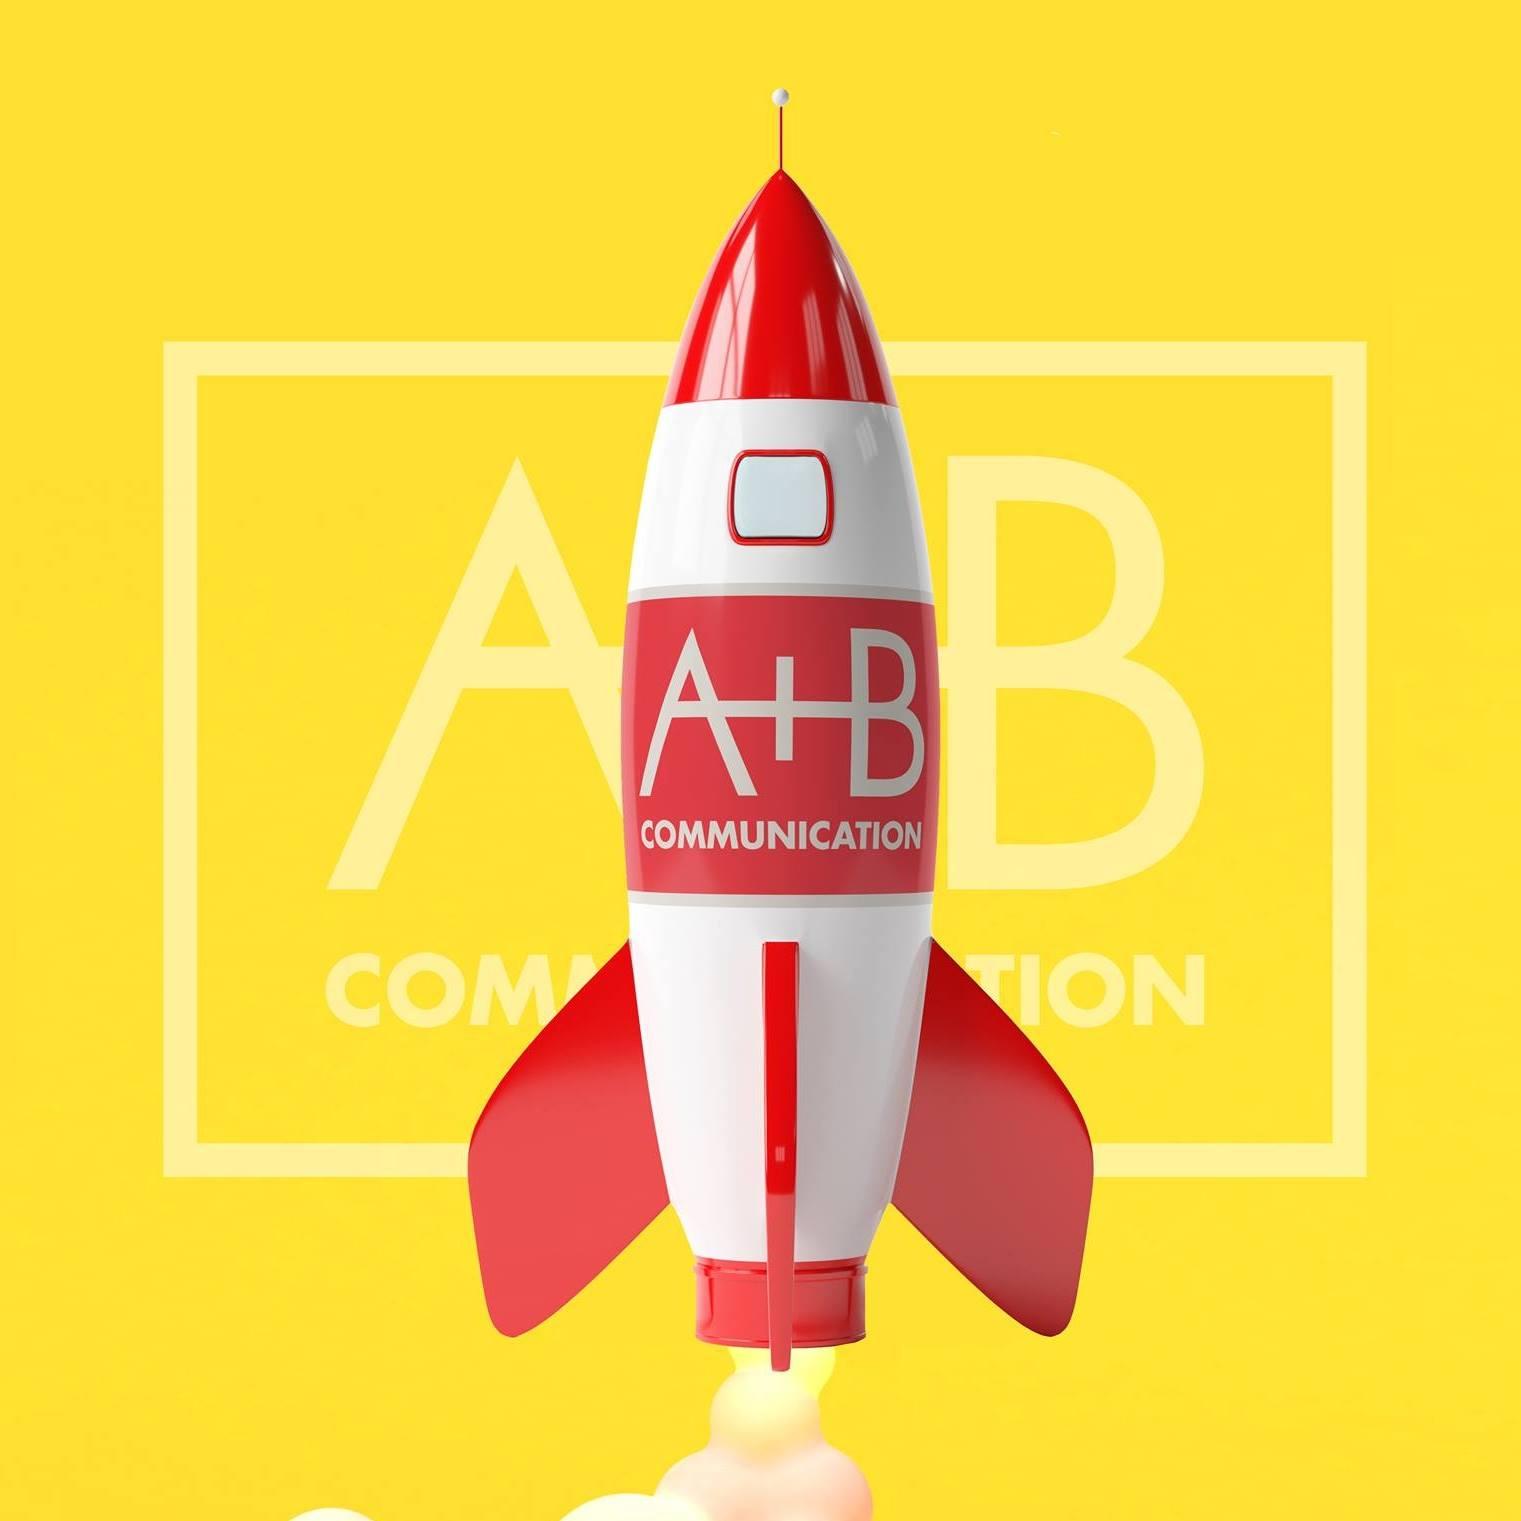 Contacter A+B